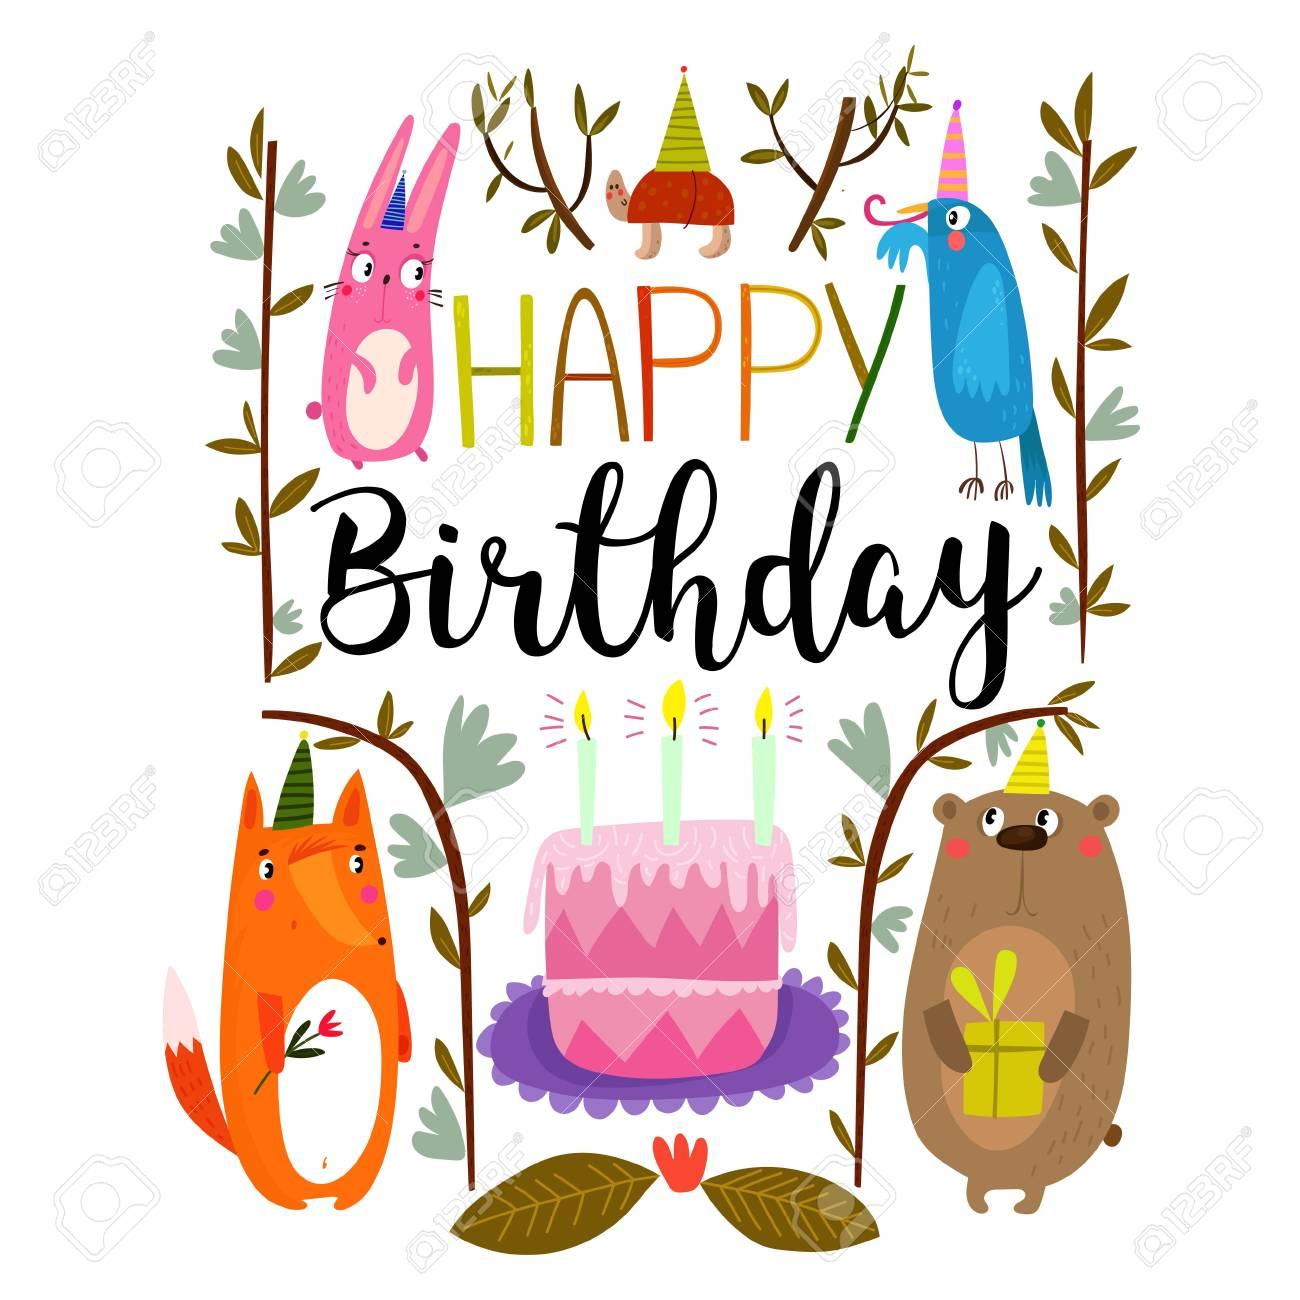 Fantastisch Alles Gute Zum Geburtstag Farbfolien Bilder ...